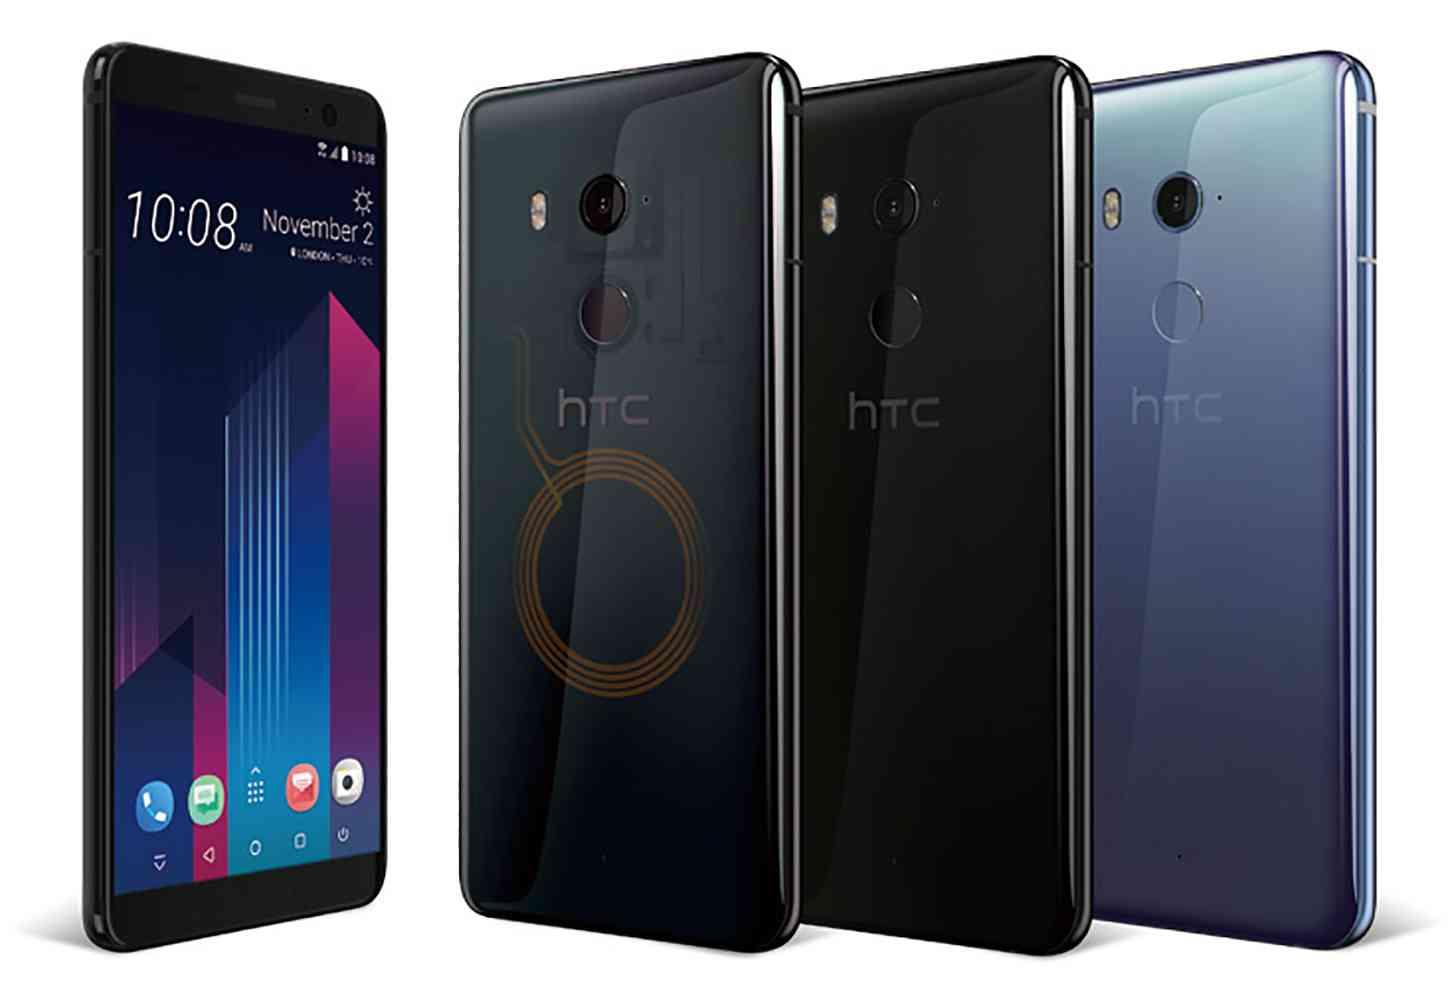 HTC si neuhlídalo model Ocean Harmony